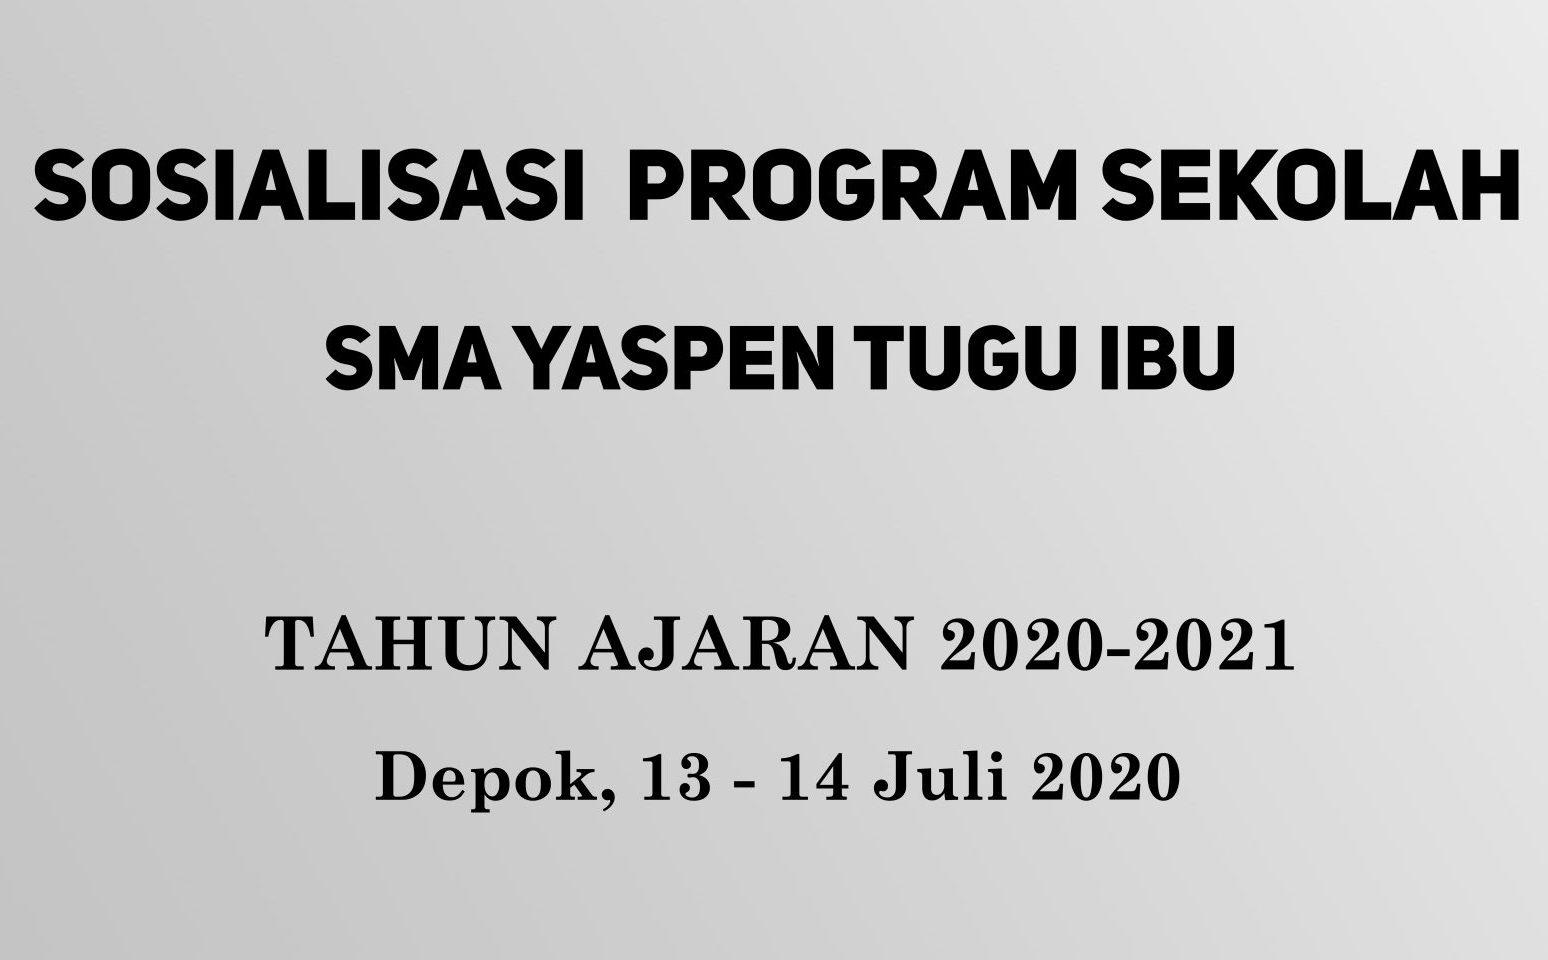 You are currently viewing Kegiatan Sosialisasi Sekolah Tahun Pelajaran 2020/2021